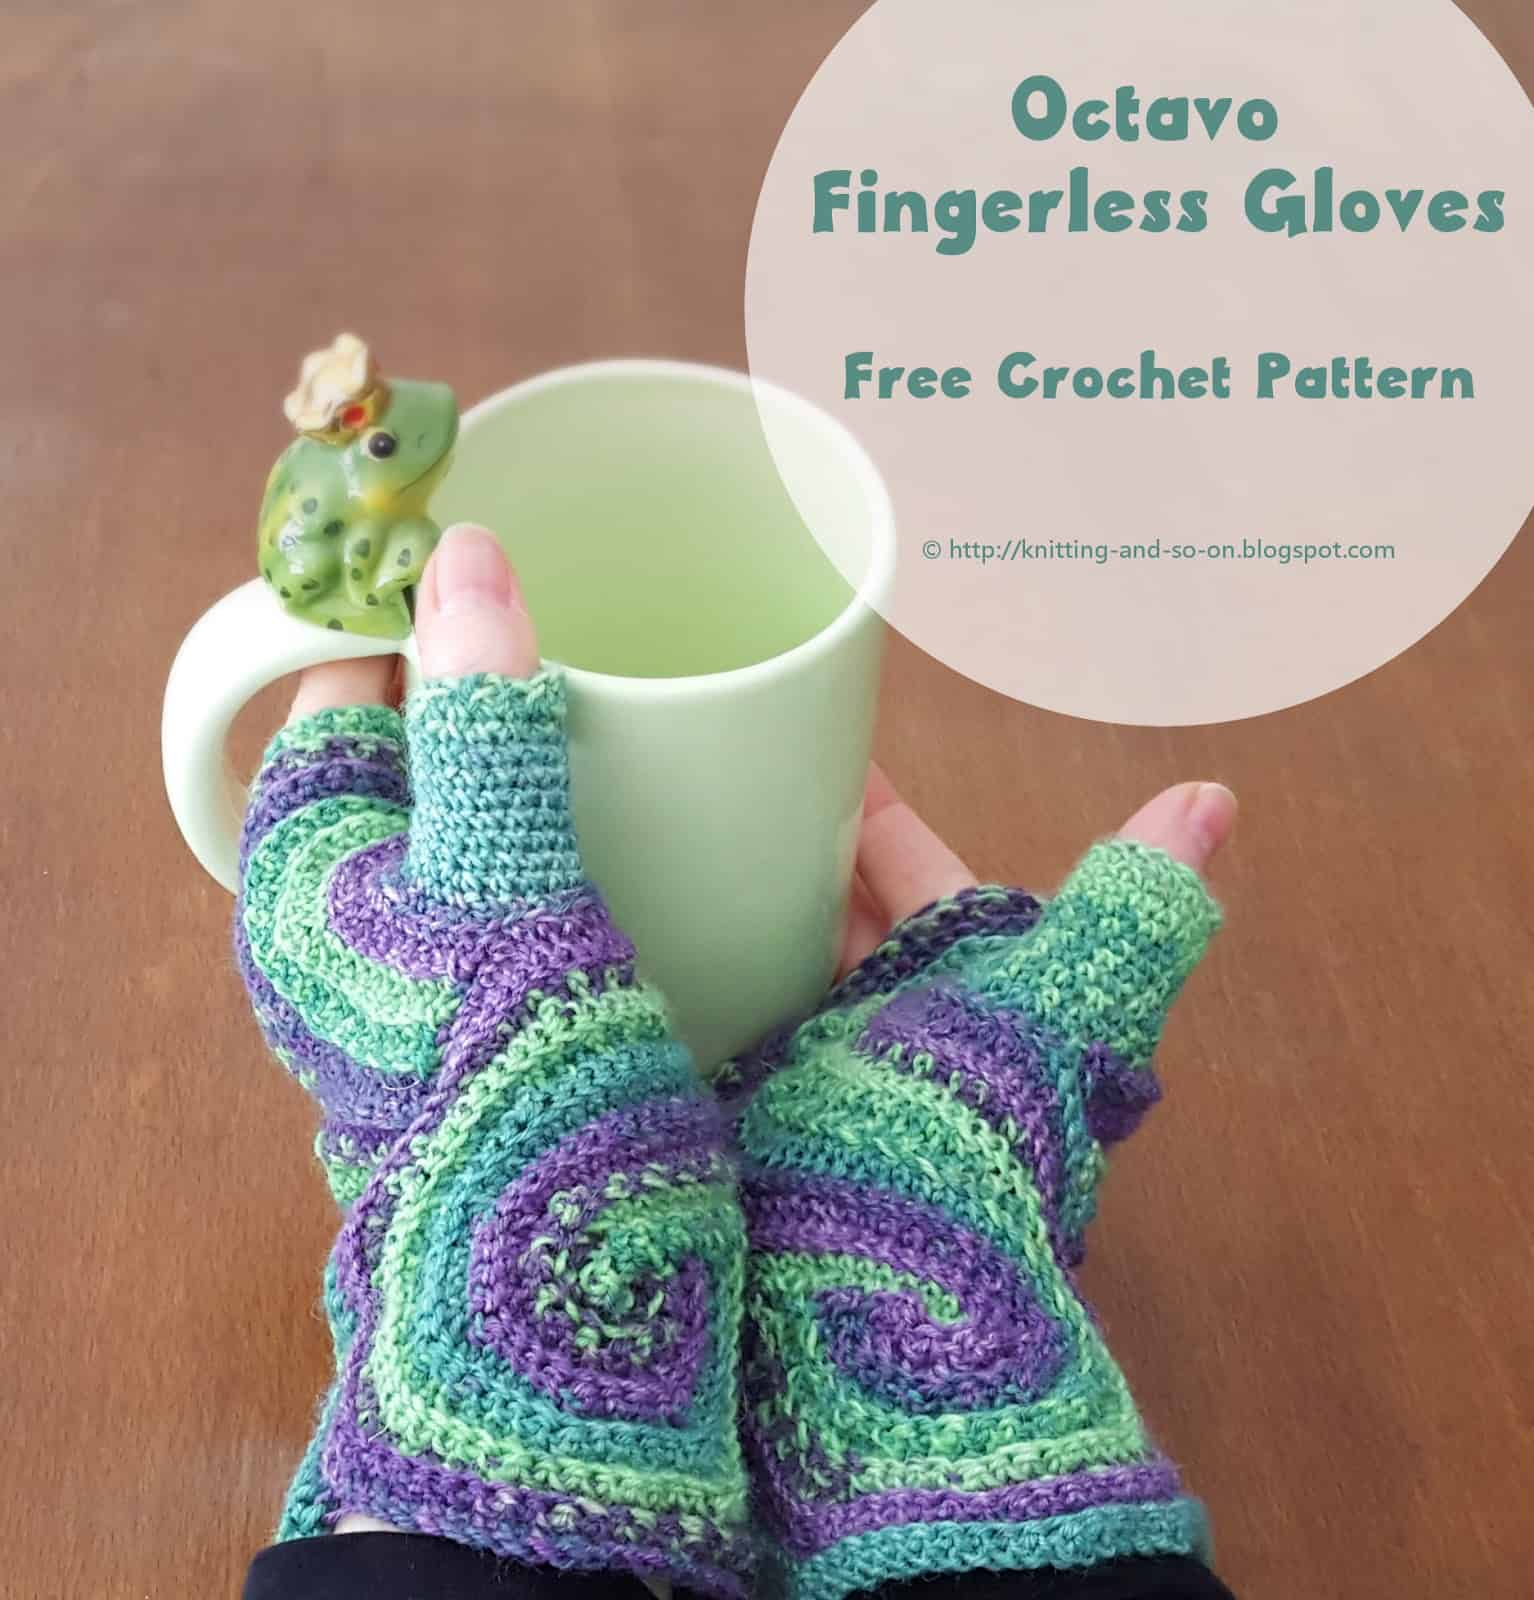 Octavo fingerless mitts